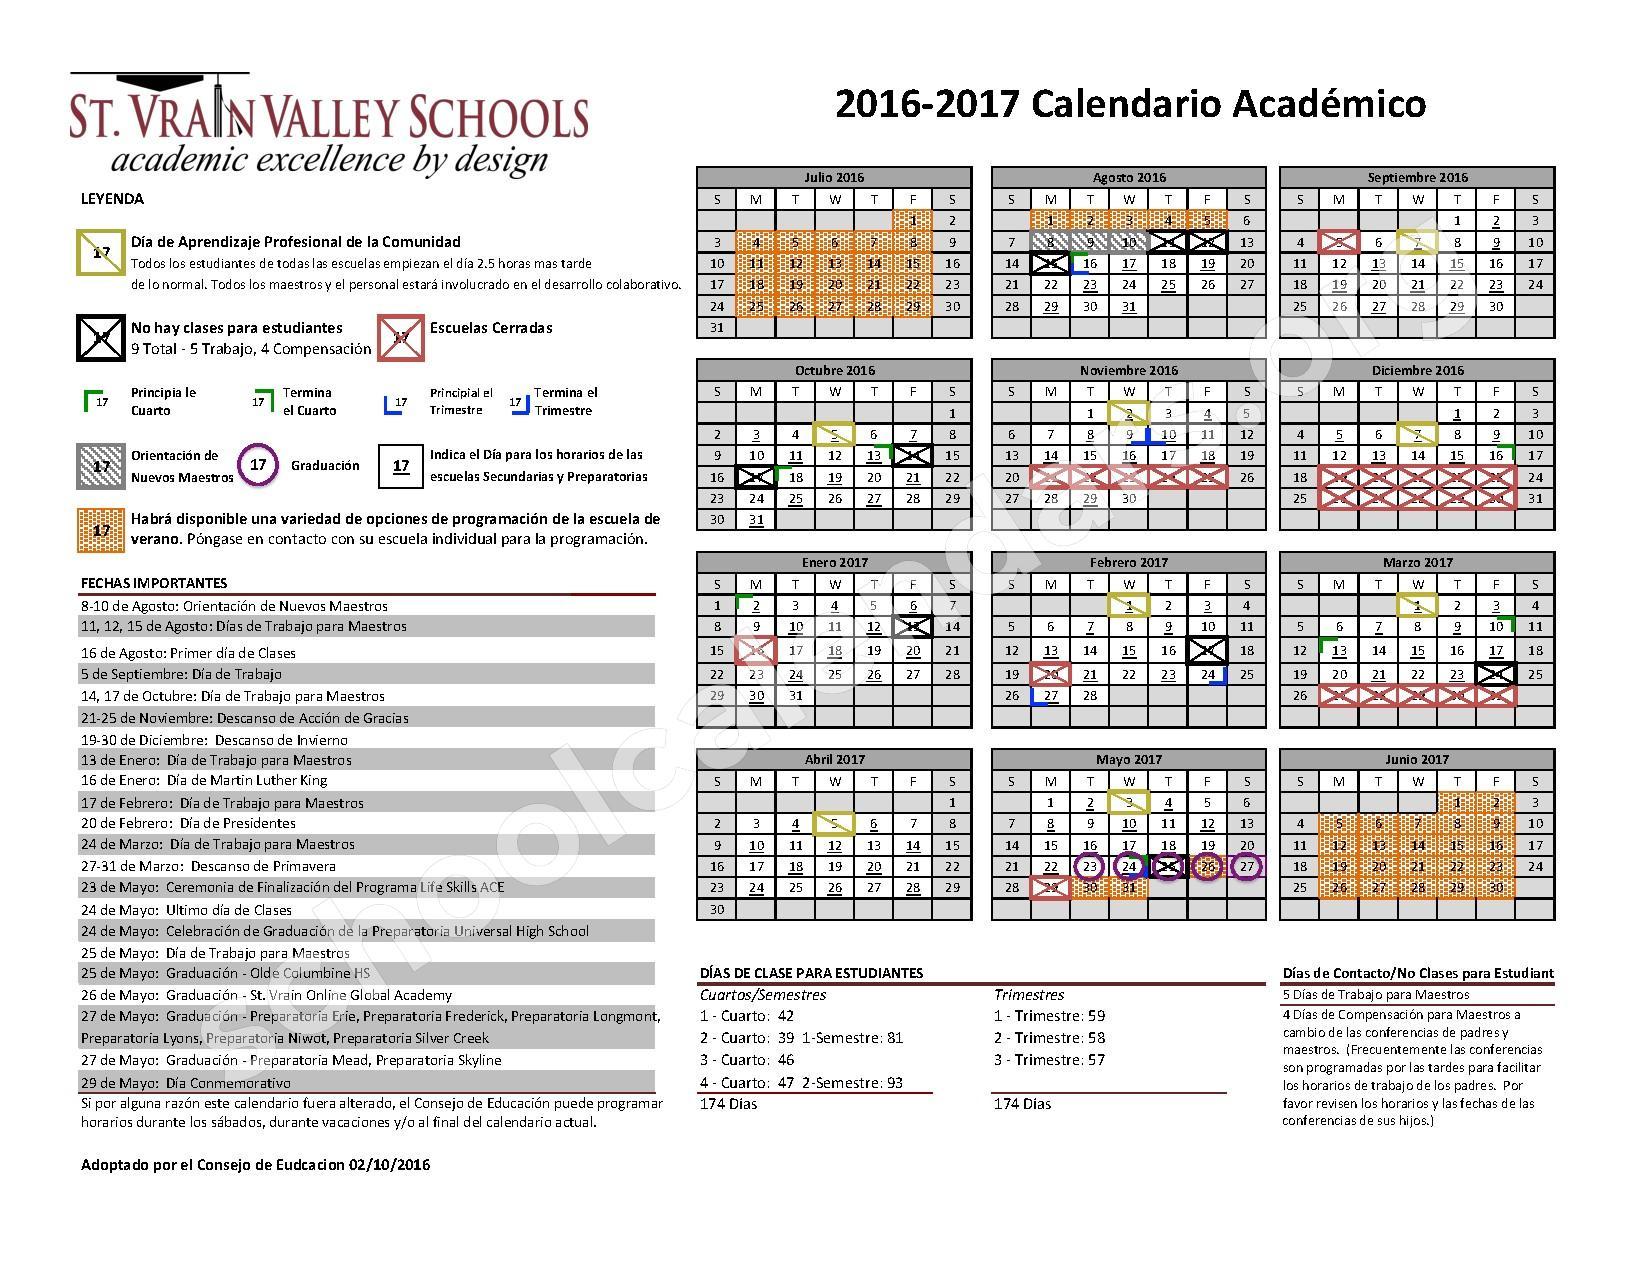 2016 - 2017 Calendario Escolar – St. Vrain Valley Schools – page 1